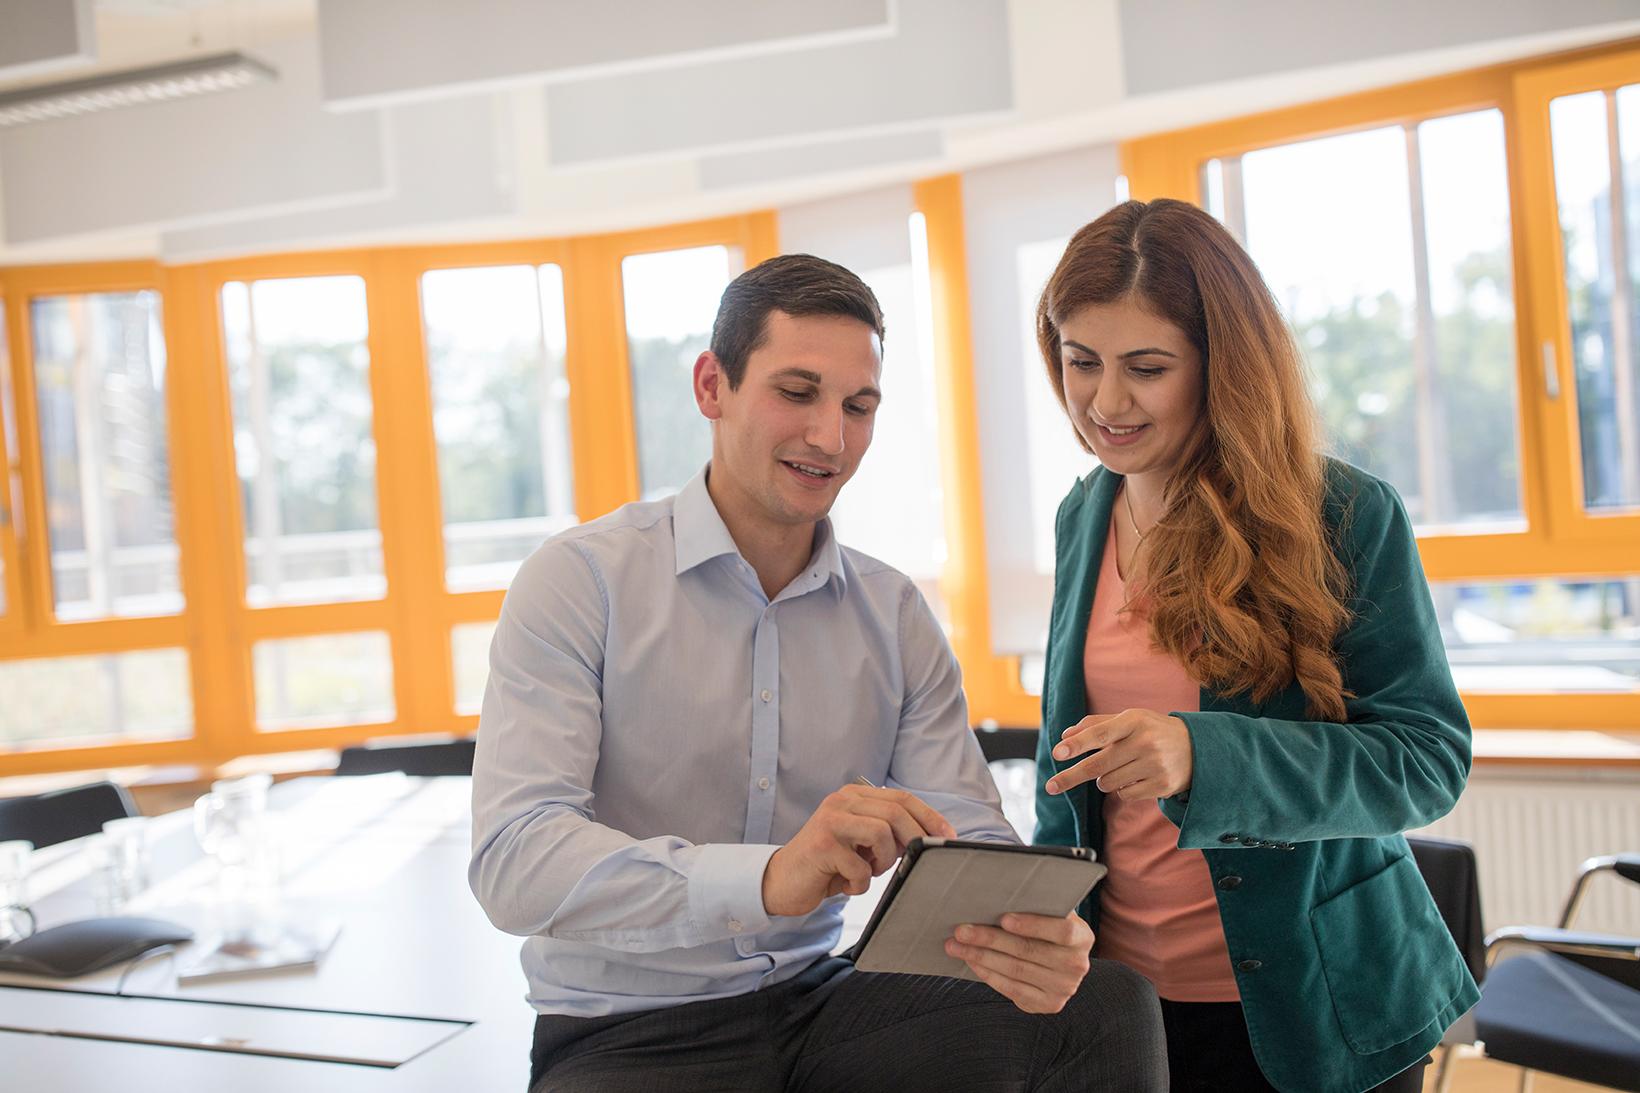 Mann und Frau über ein Tablet gebeugt